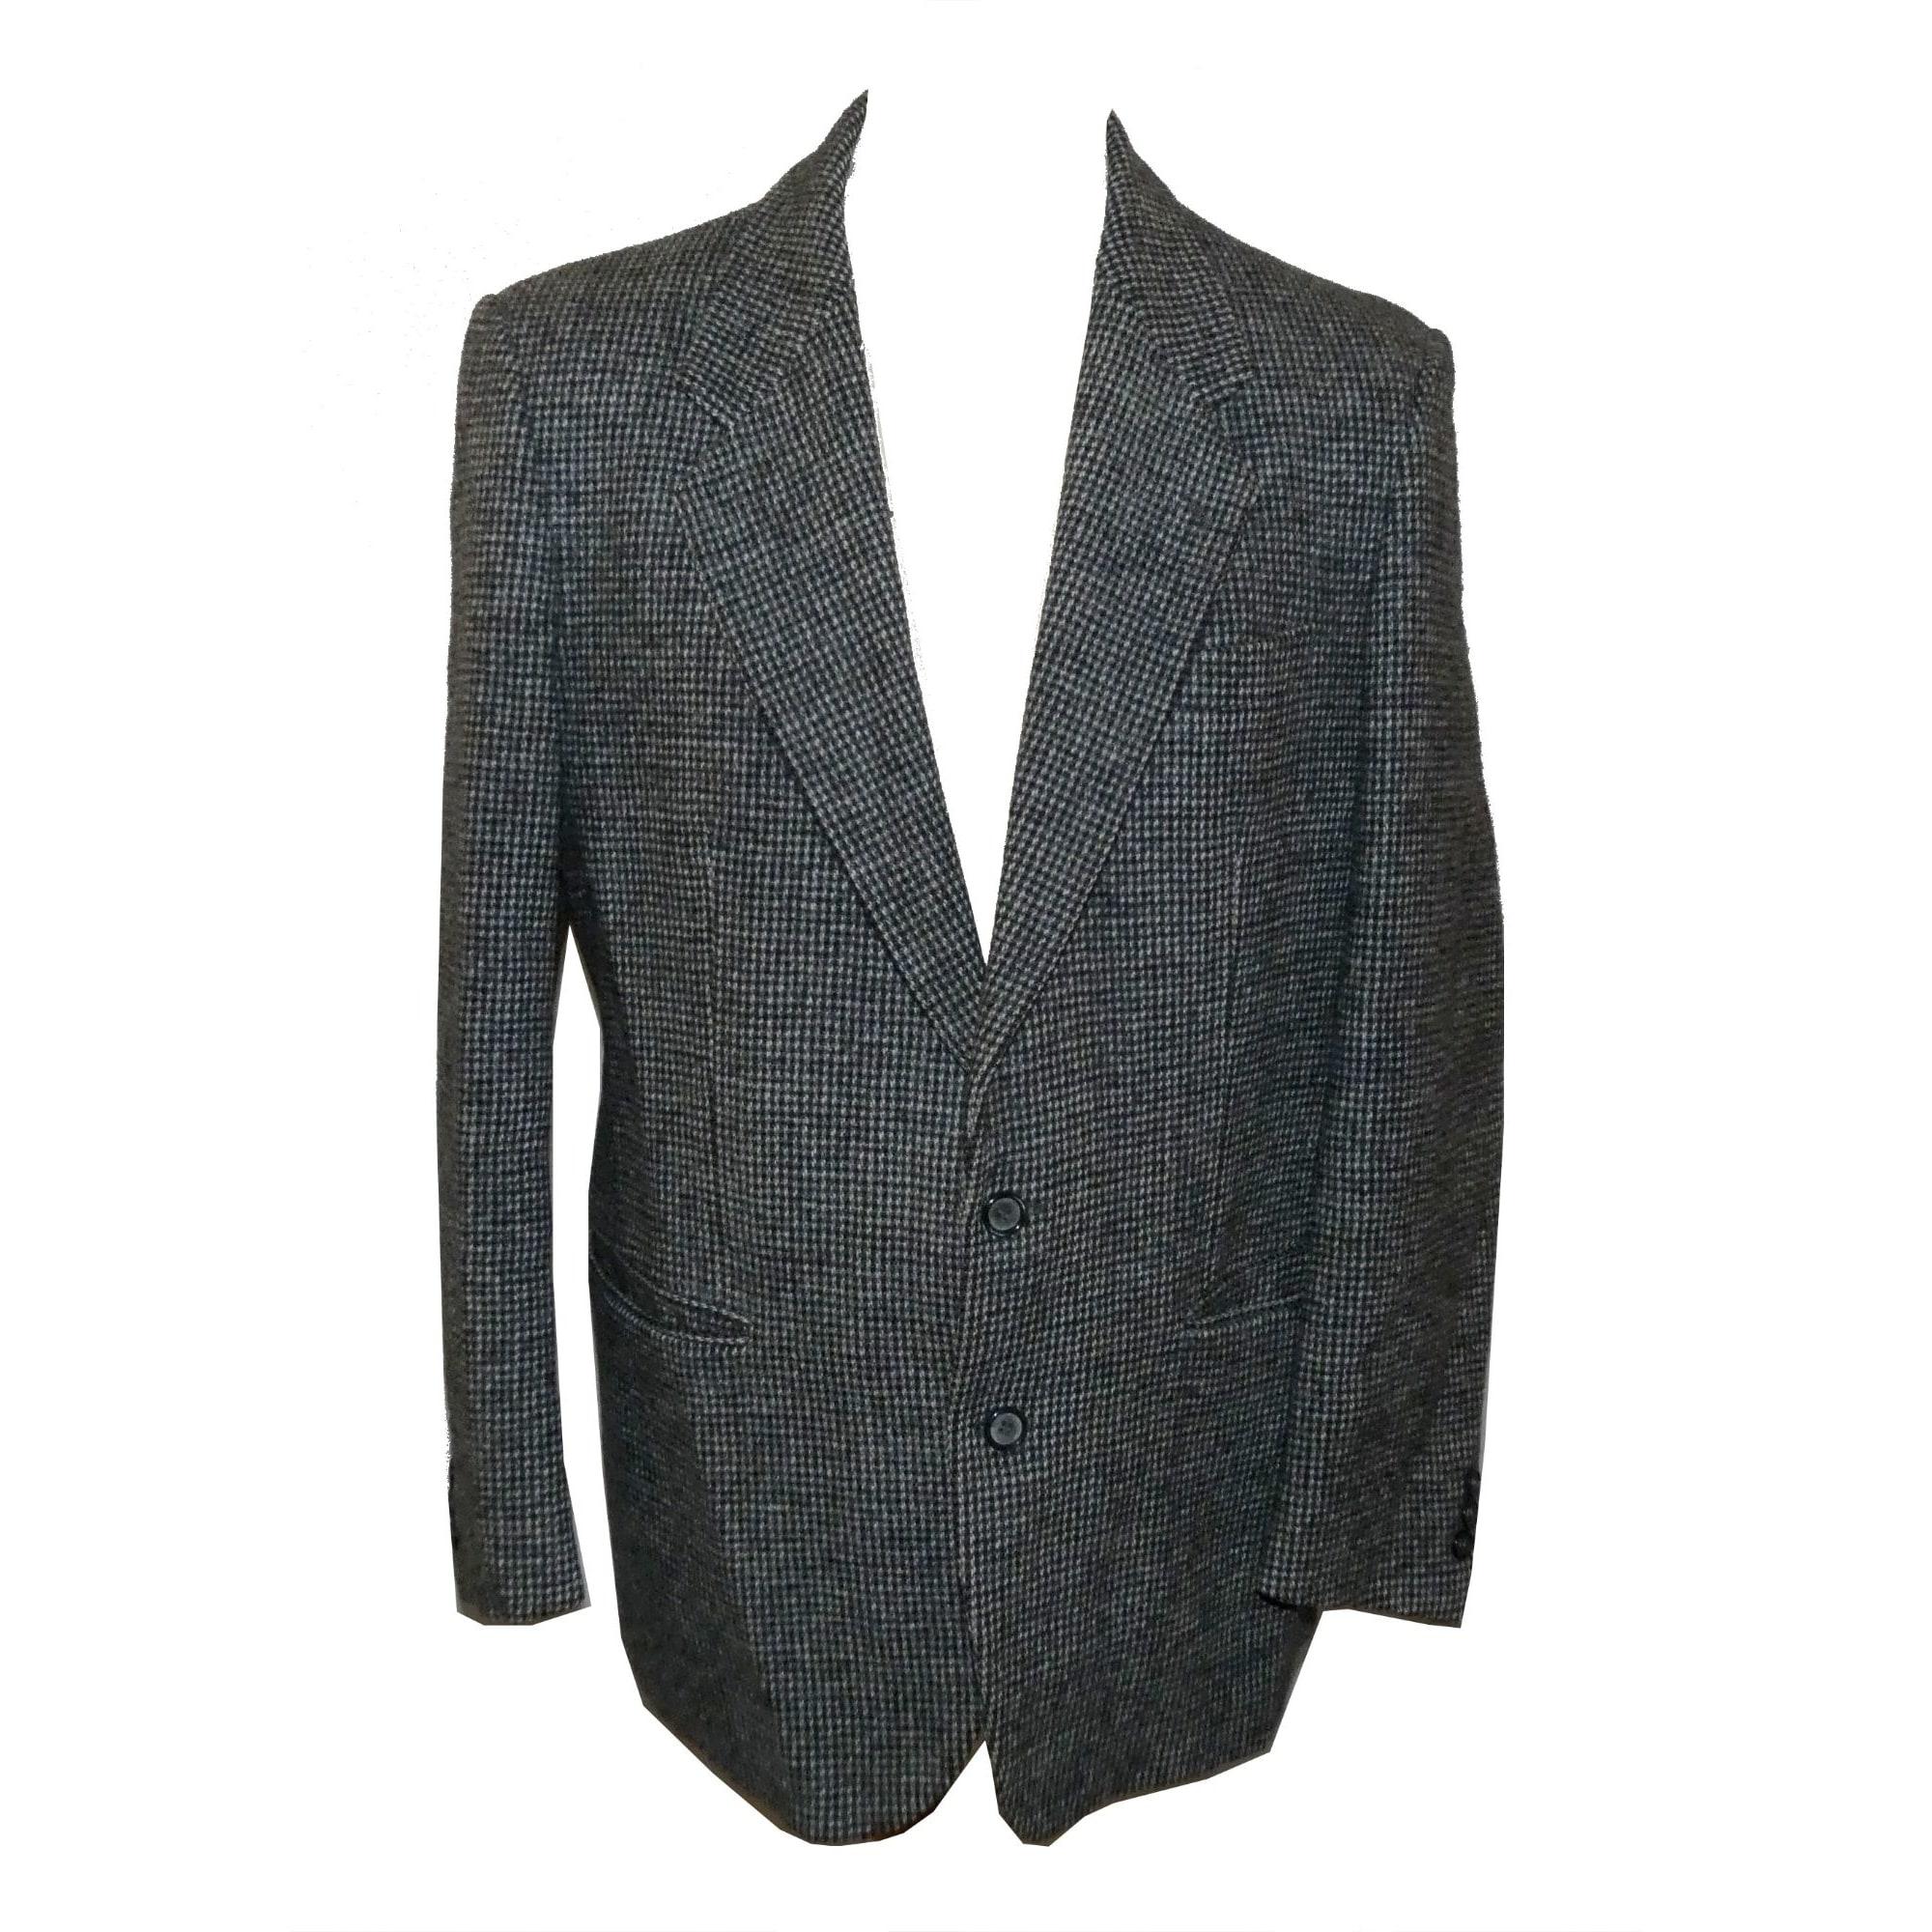 Veste de costume HARRIS TWEED noir et blanc